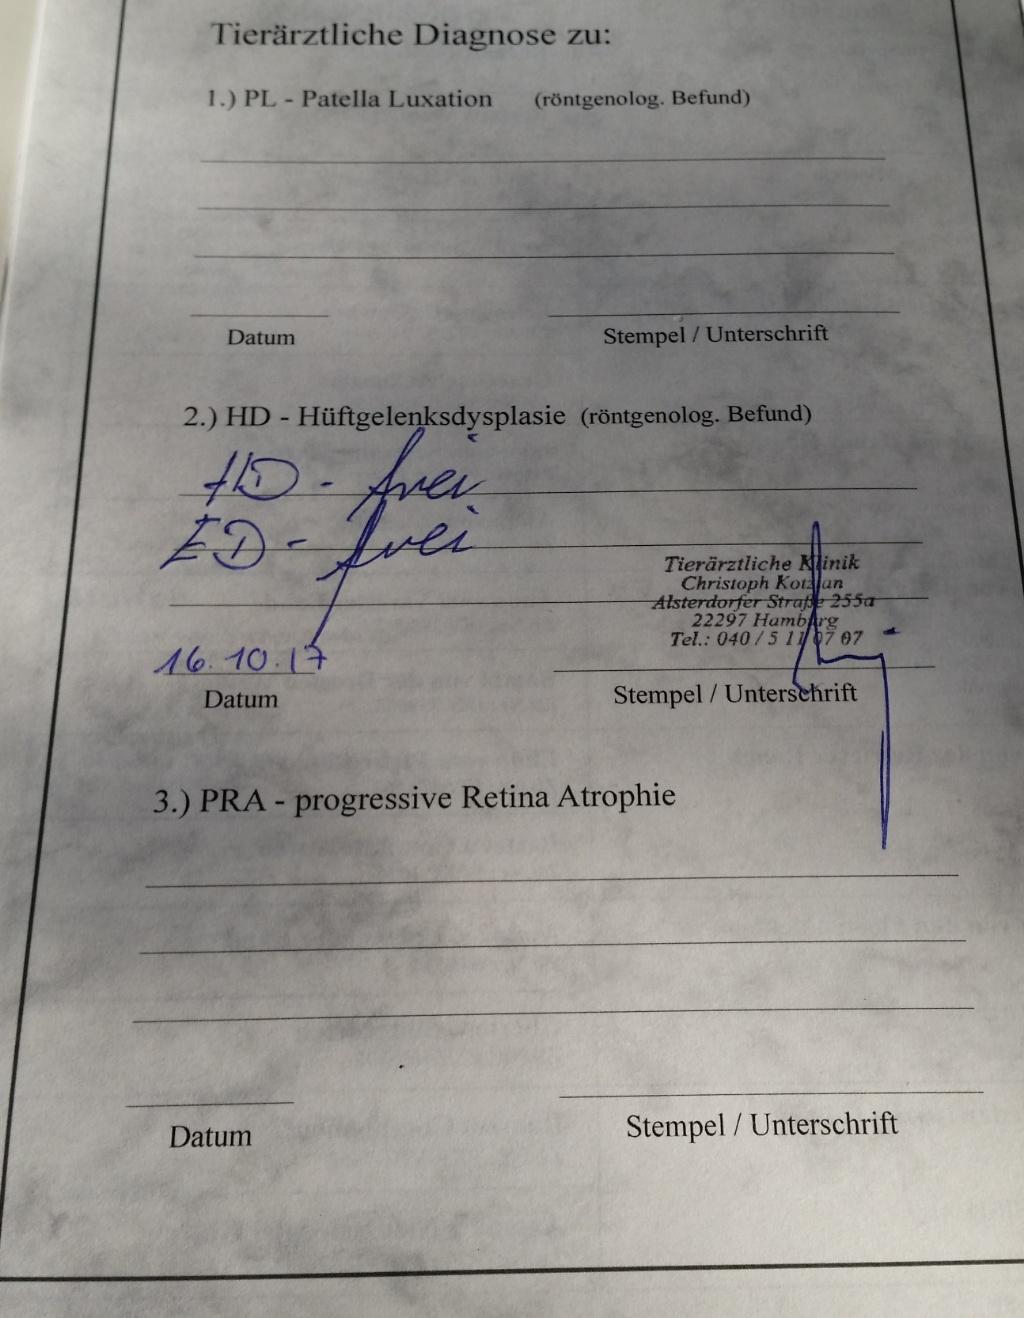 müssen zwei unterschriften auf einem brief